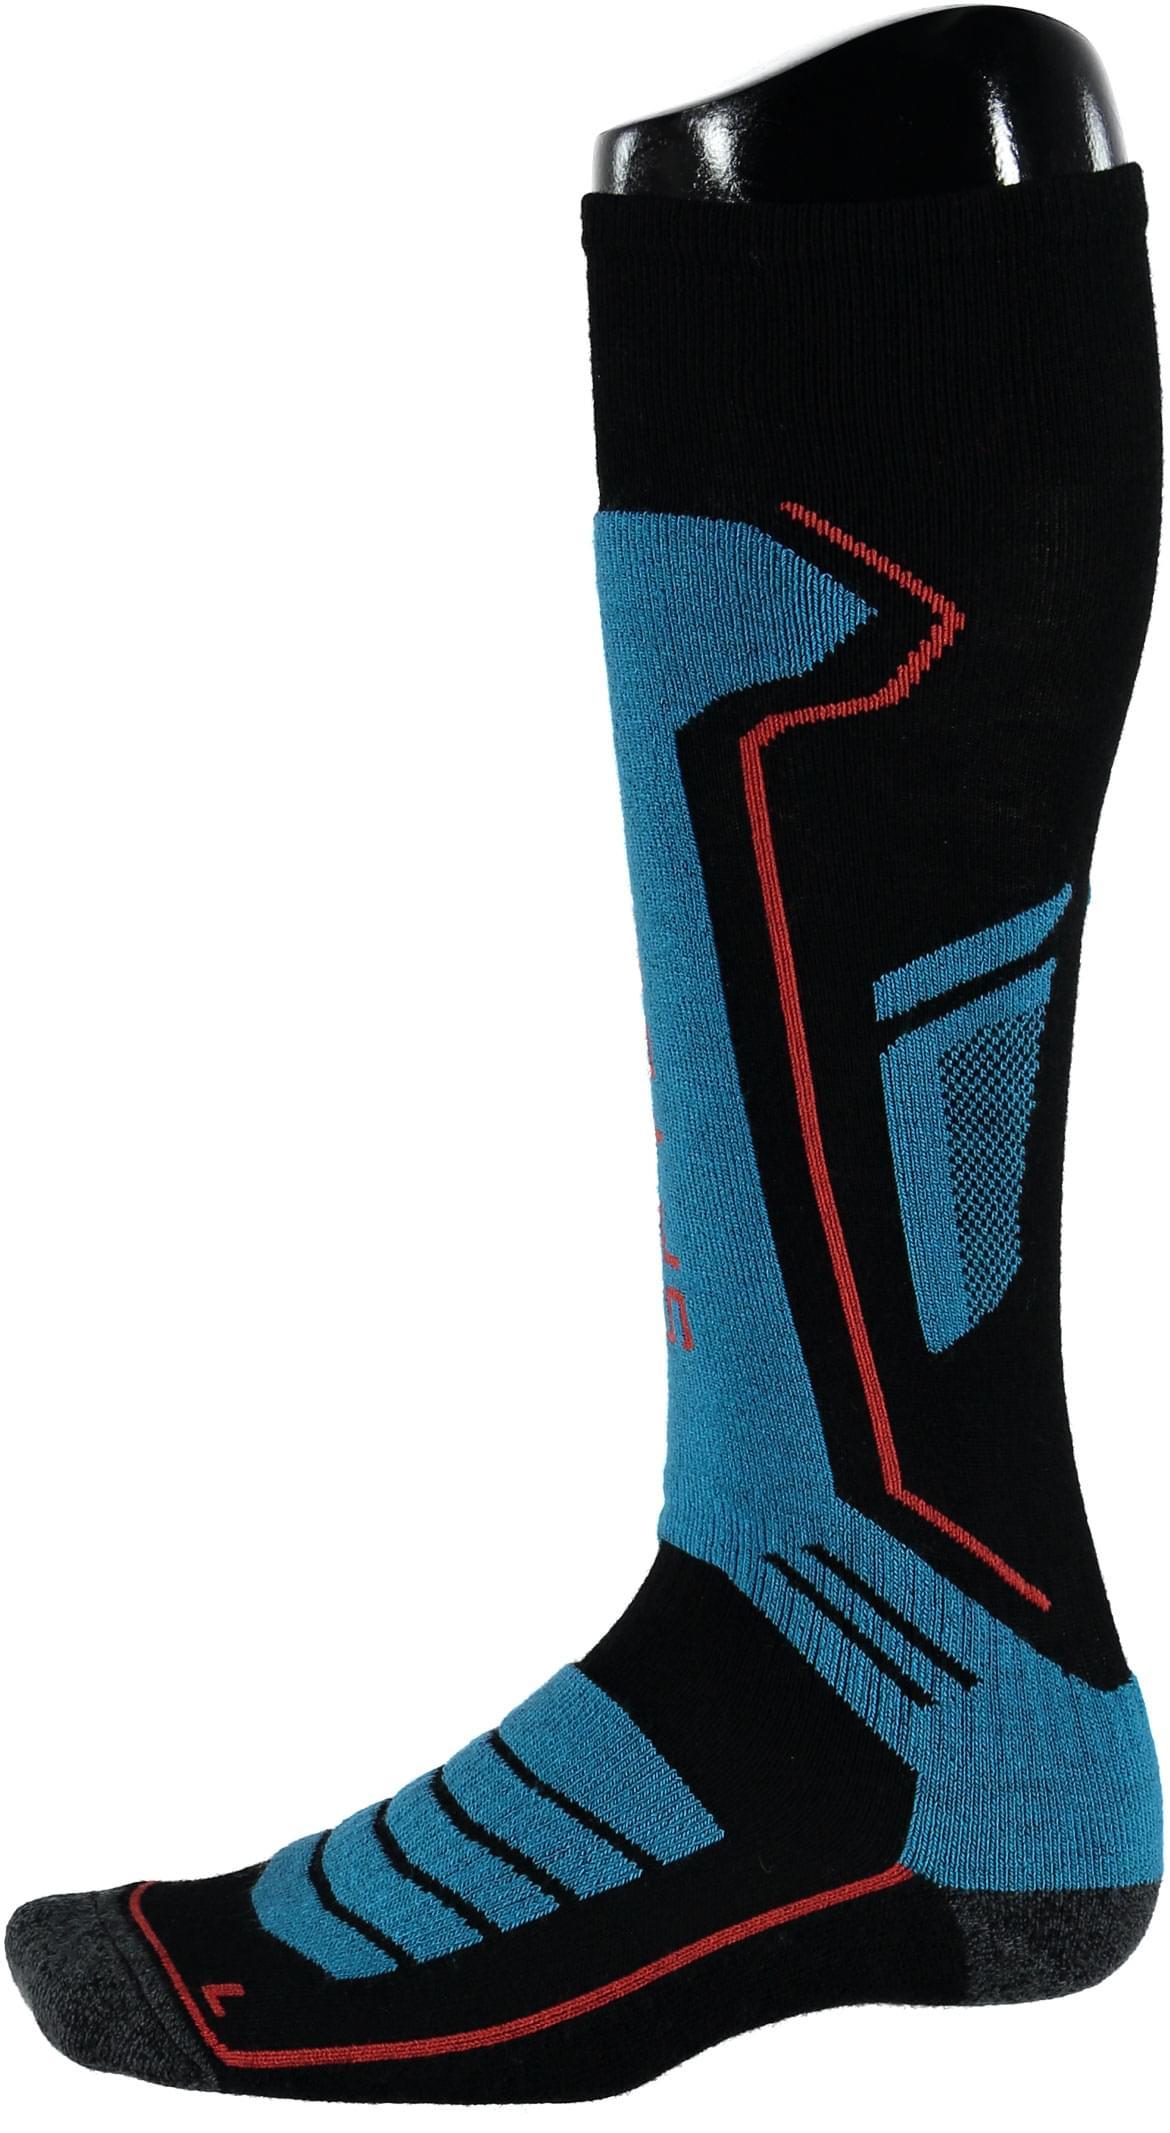 Pánské ponožky Spyder Men s Sport Merino Sock - blk ebl rag brs ... 68635e5a9a